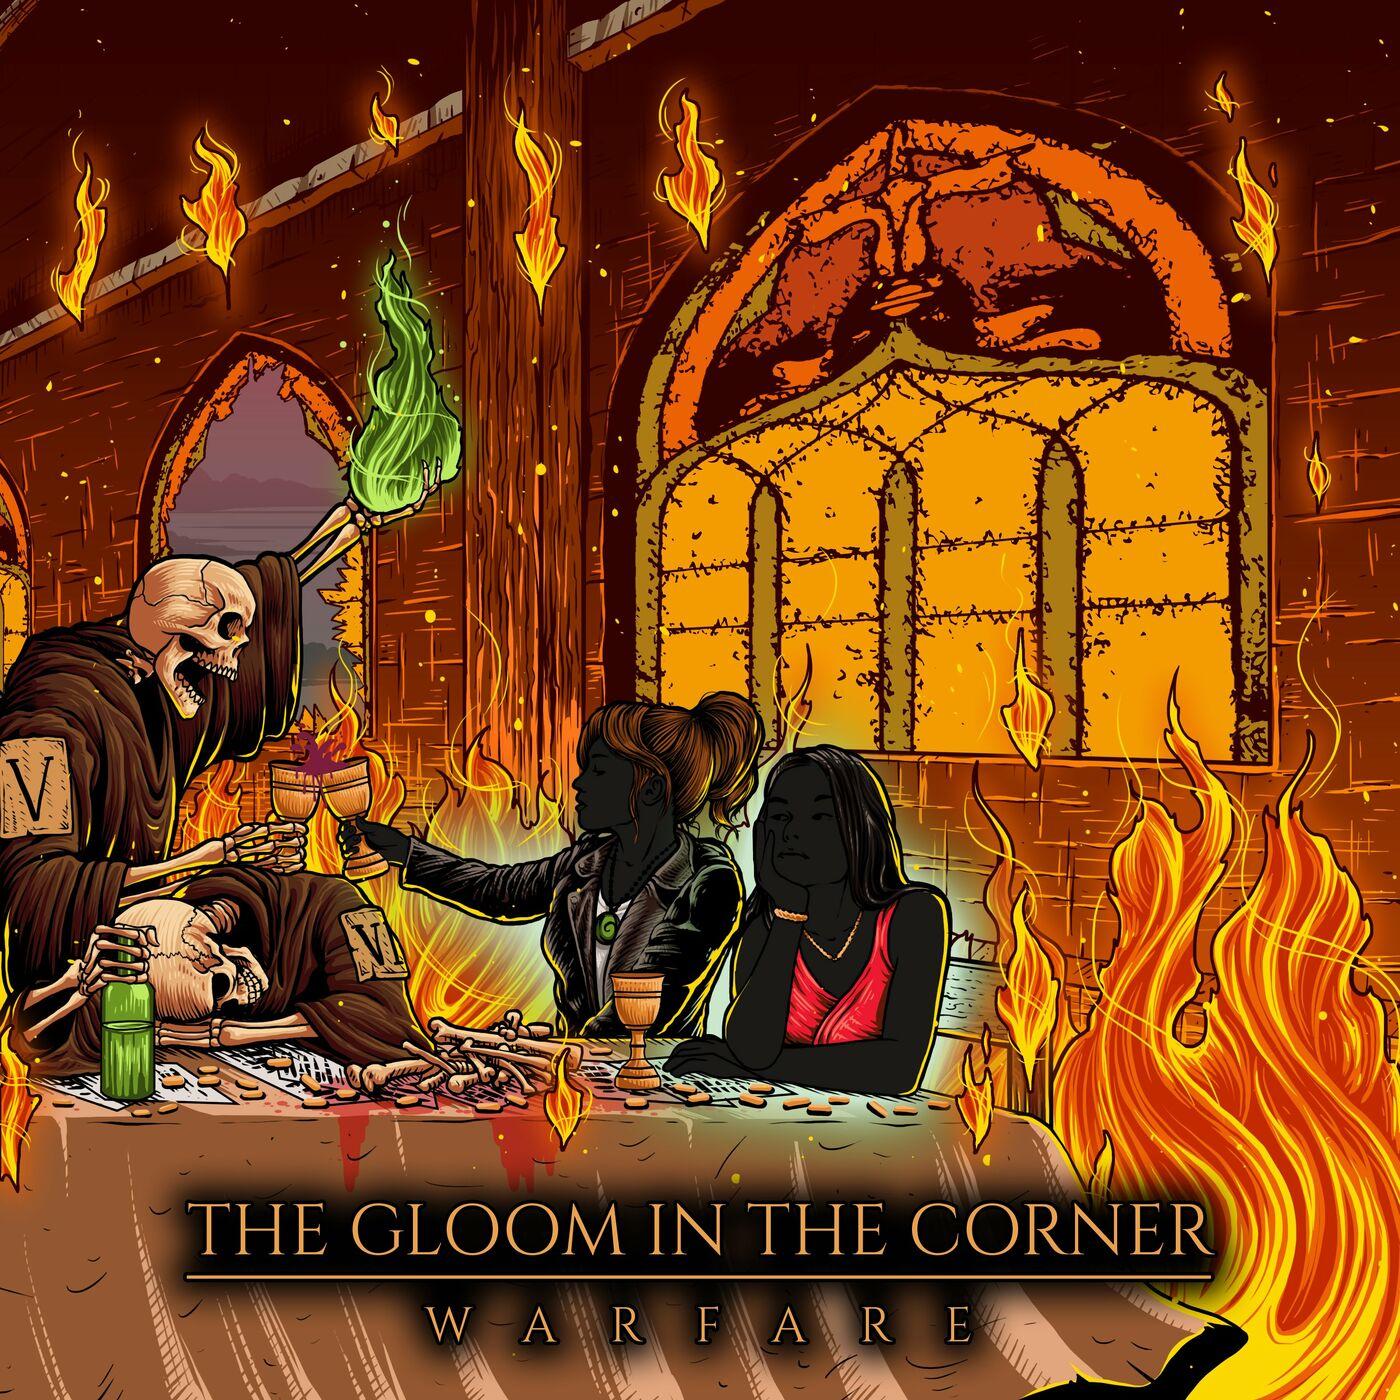 The Gloom In The Corner - Warfare [single] (2020)